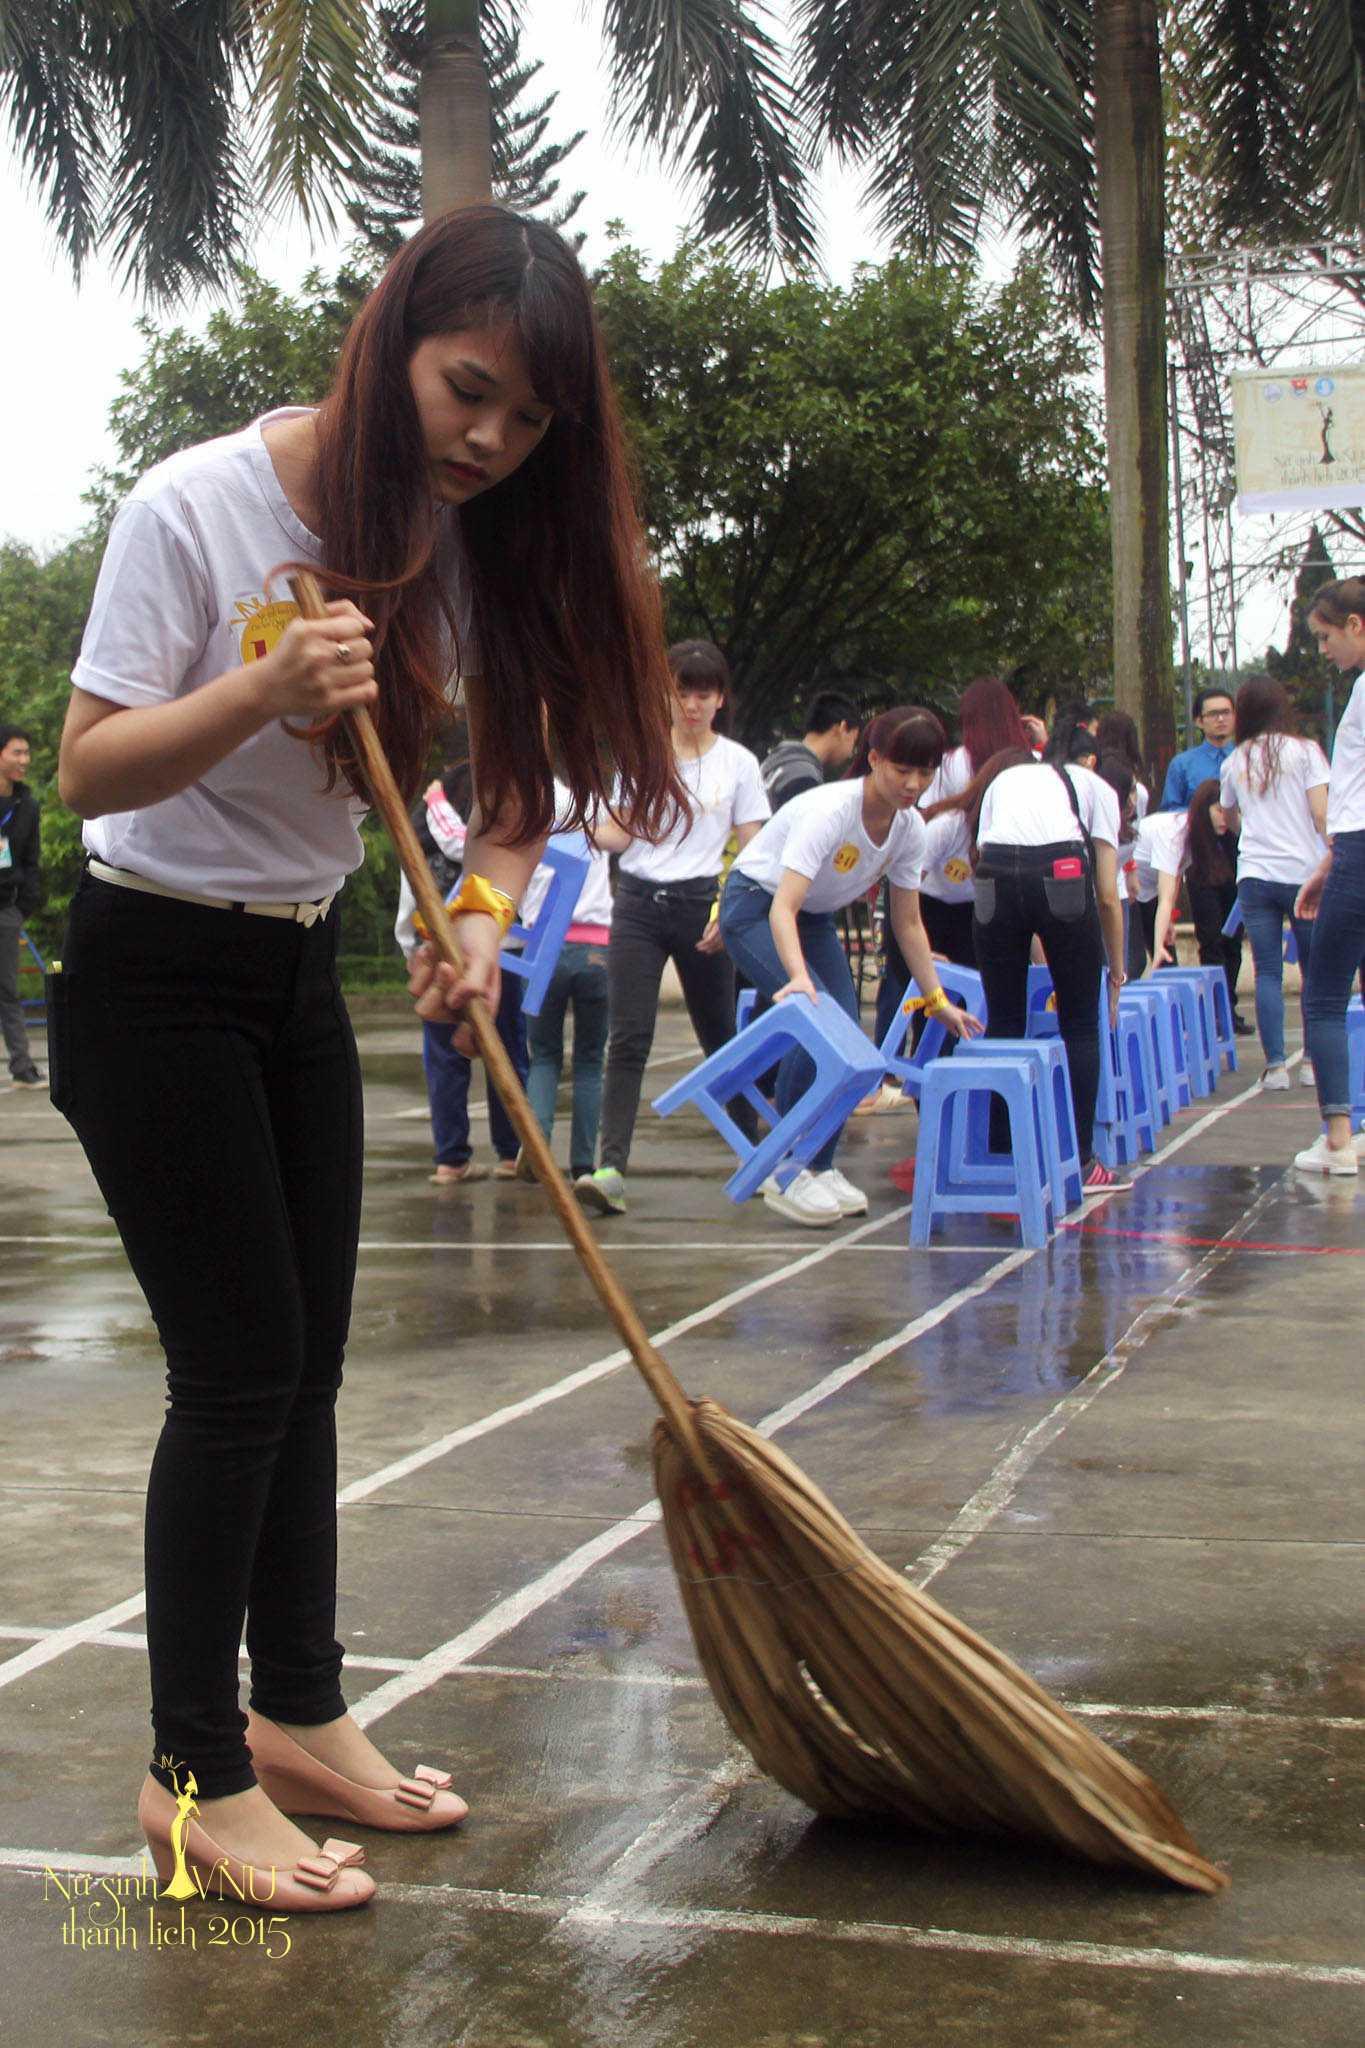 Các nữ sinh xinh xắn nhanh chóng bắt tay vào công việc dọn dẹp